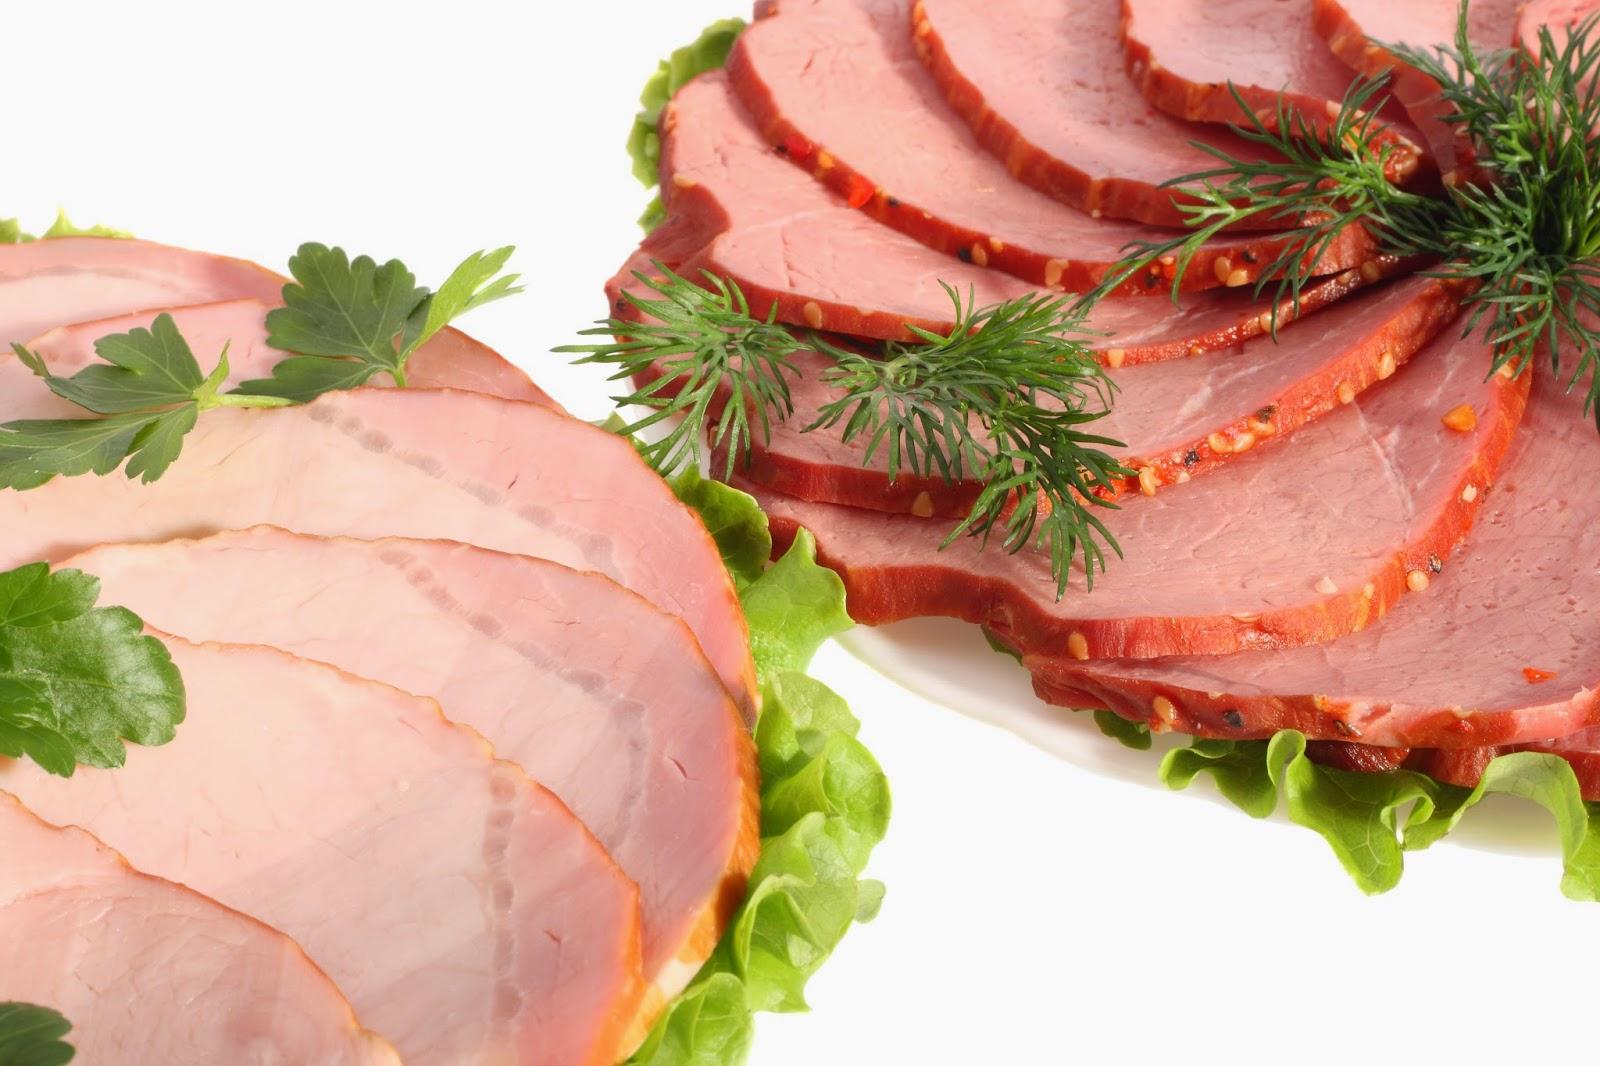 receitas de porco e carne suína